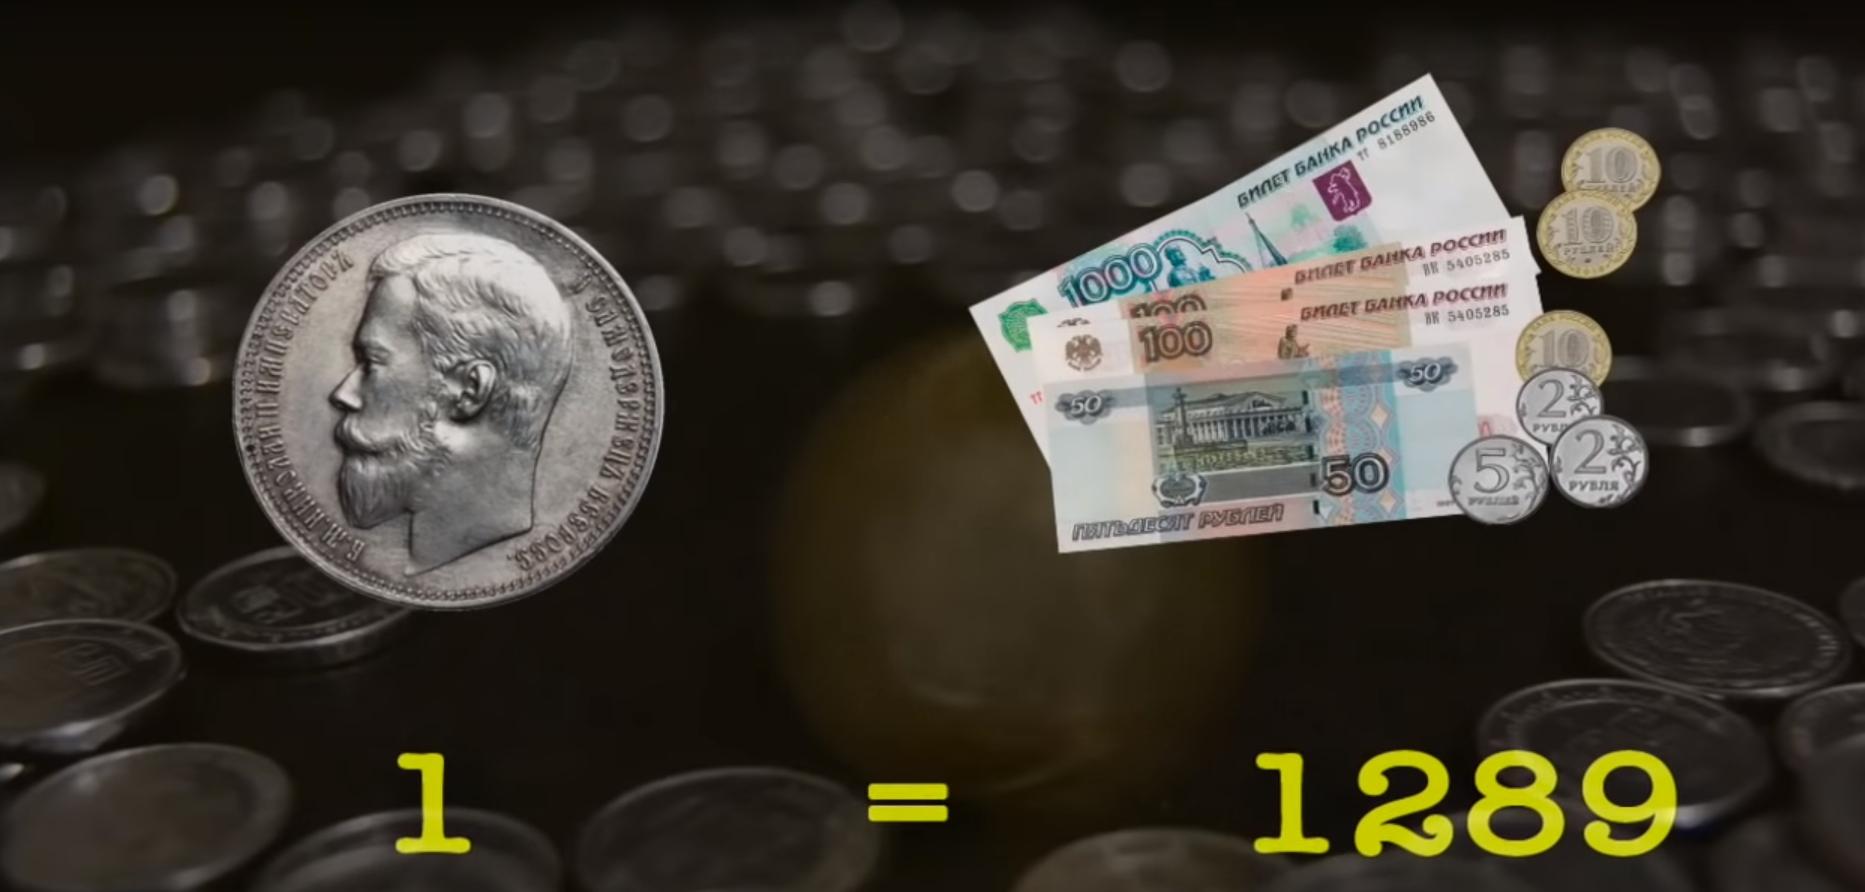 Рубли в дореволюционной России